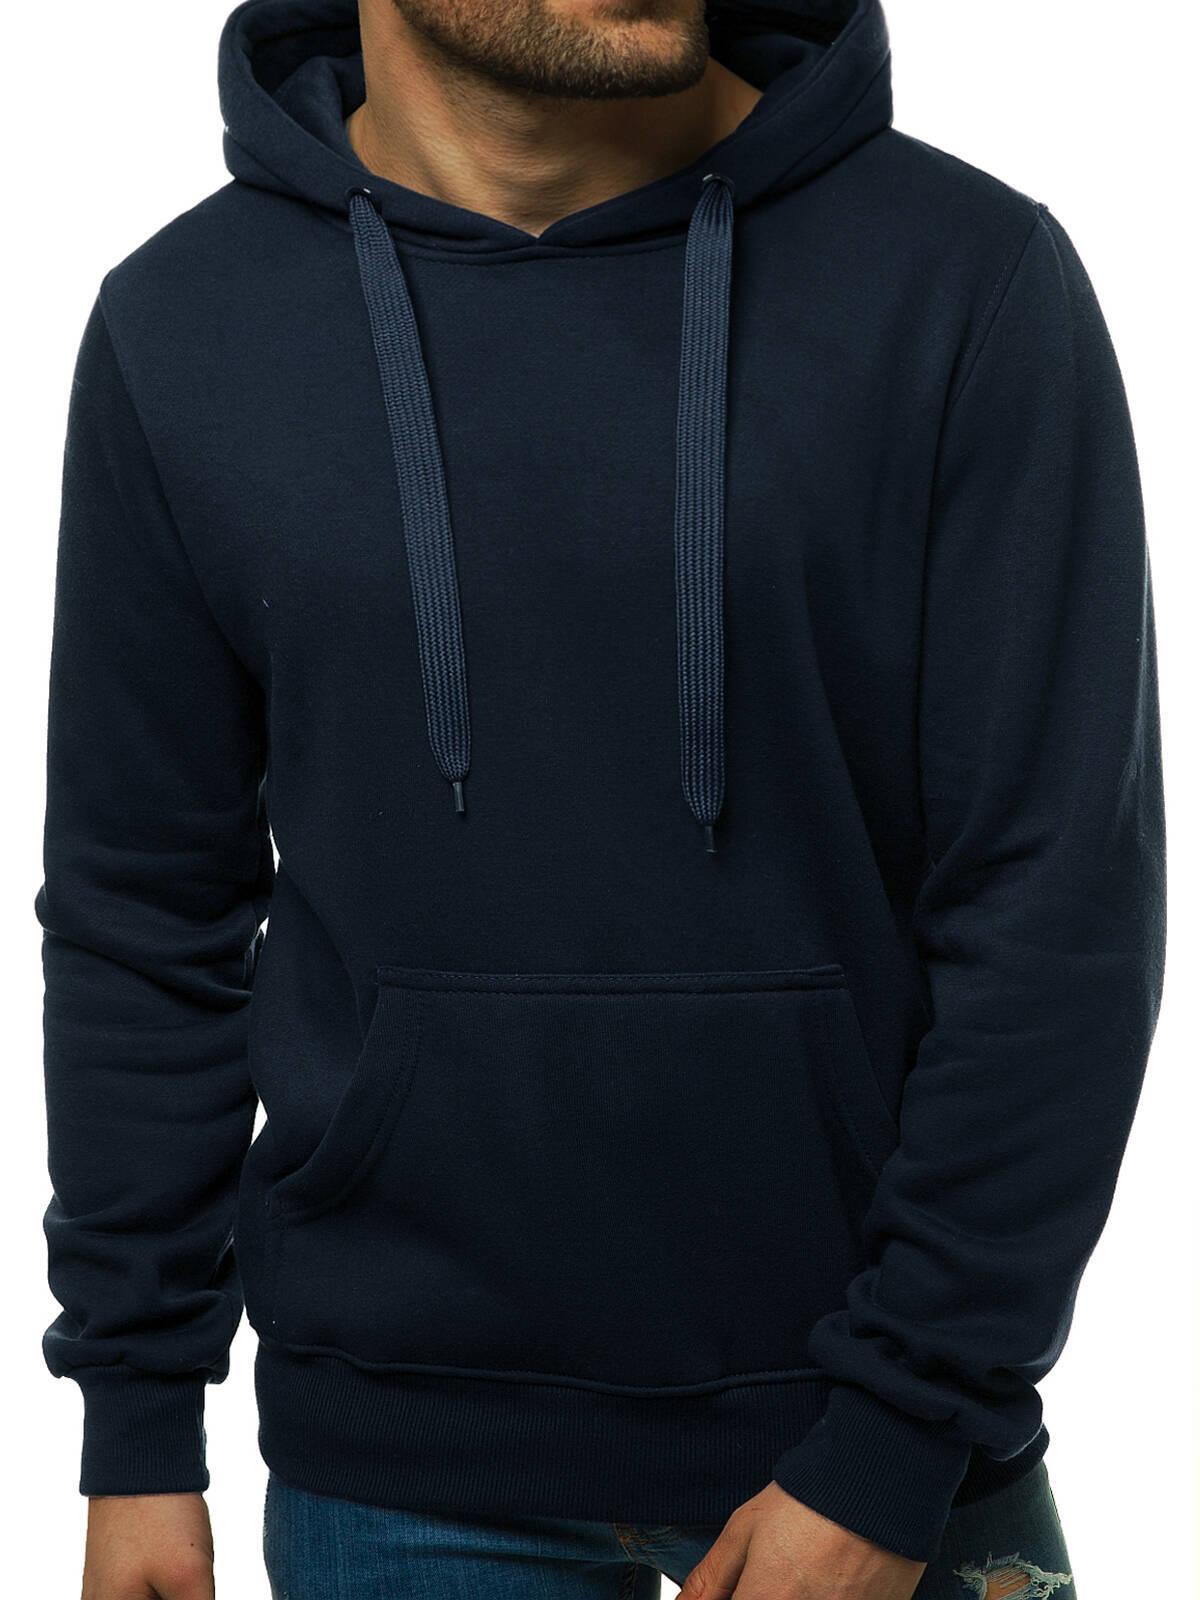 OZONEE-4862-Herren-Kapuzenpullover-Sweatshirt-Pullover-Hoodie-Sweatjacke-MIX